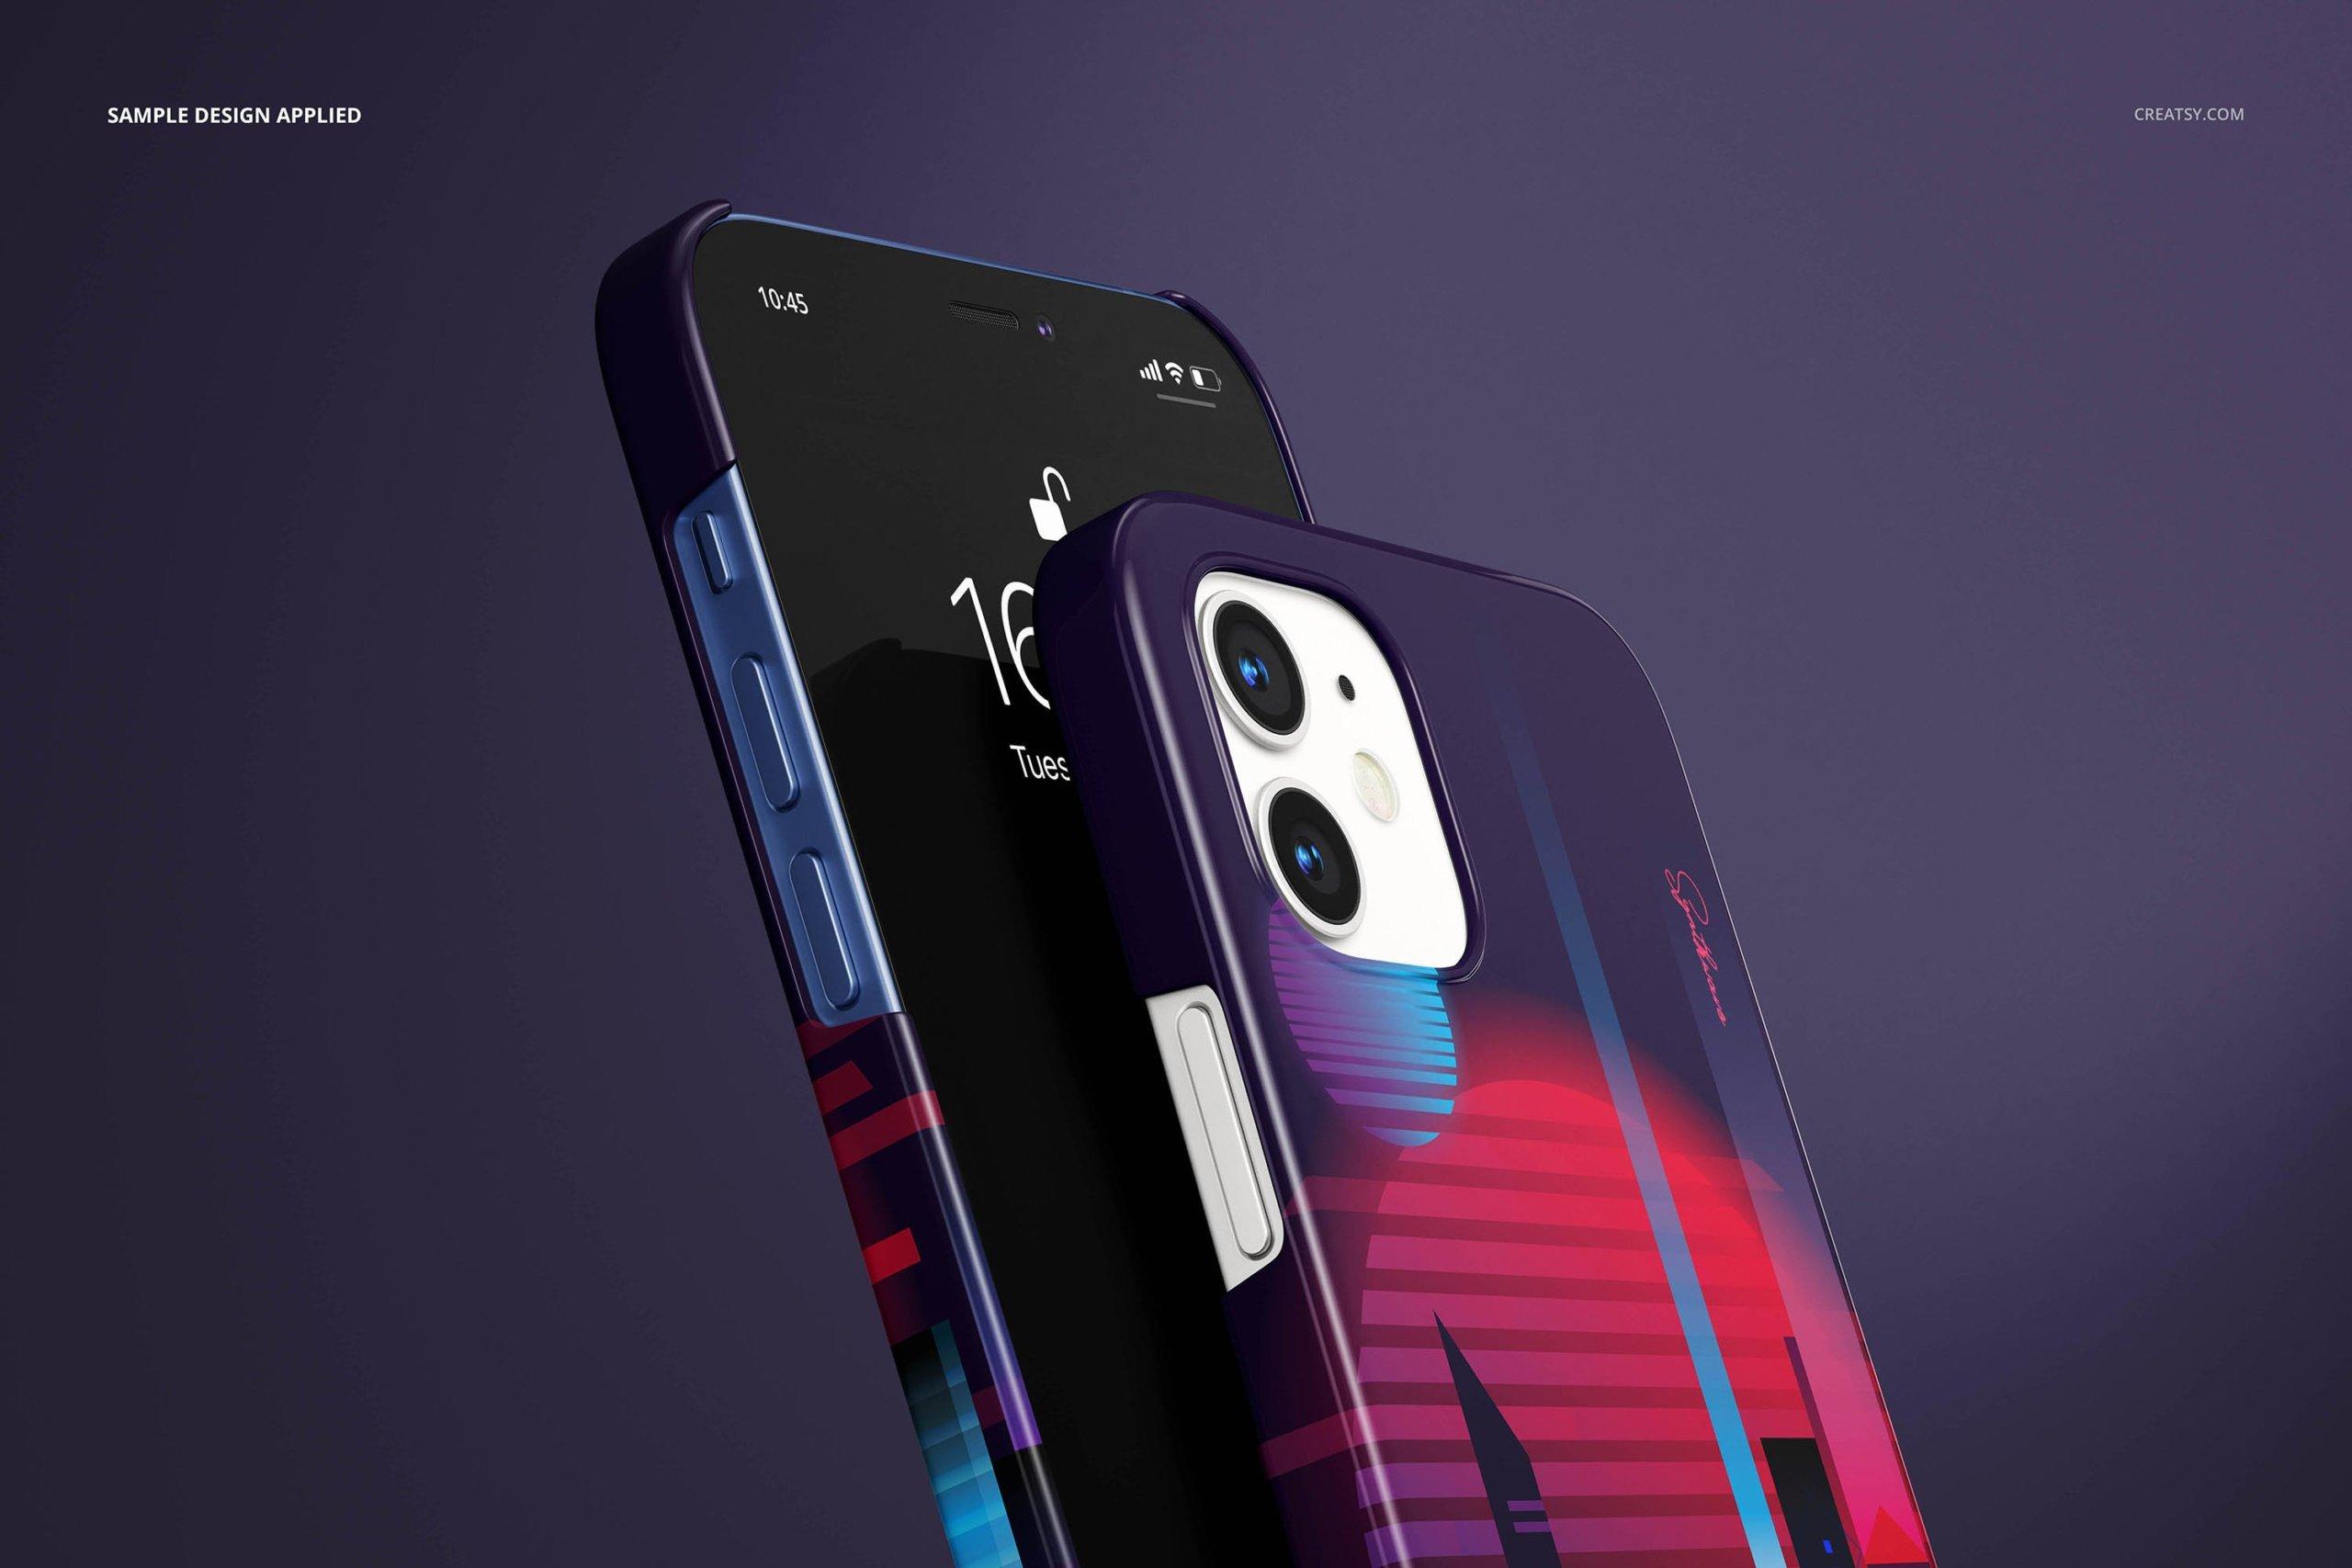 [单独购买] 26款时尚光滑苹果iPhone 12手机保护壳设计PS贴图样机模板素材 iPhone 12 Glossy Snap Case 1 Mockup插图9